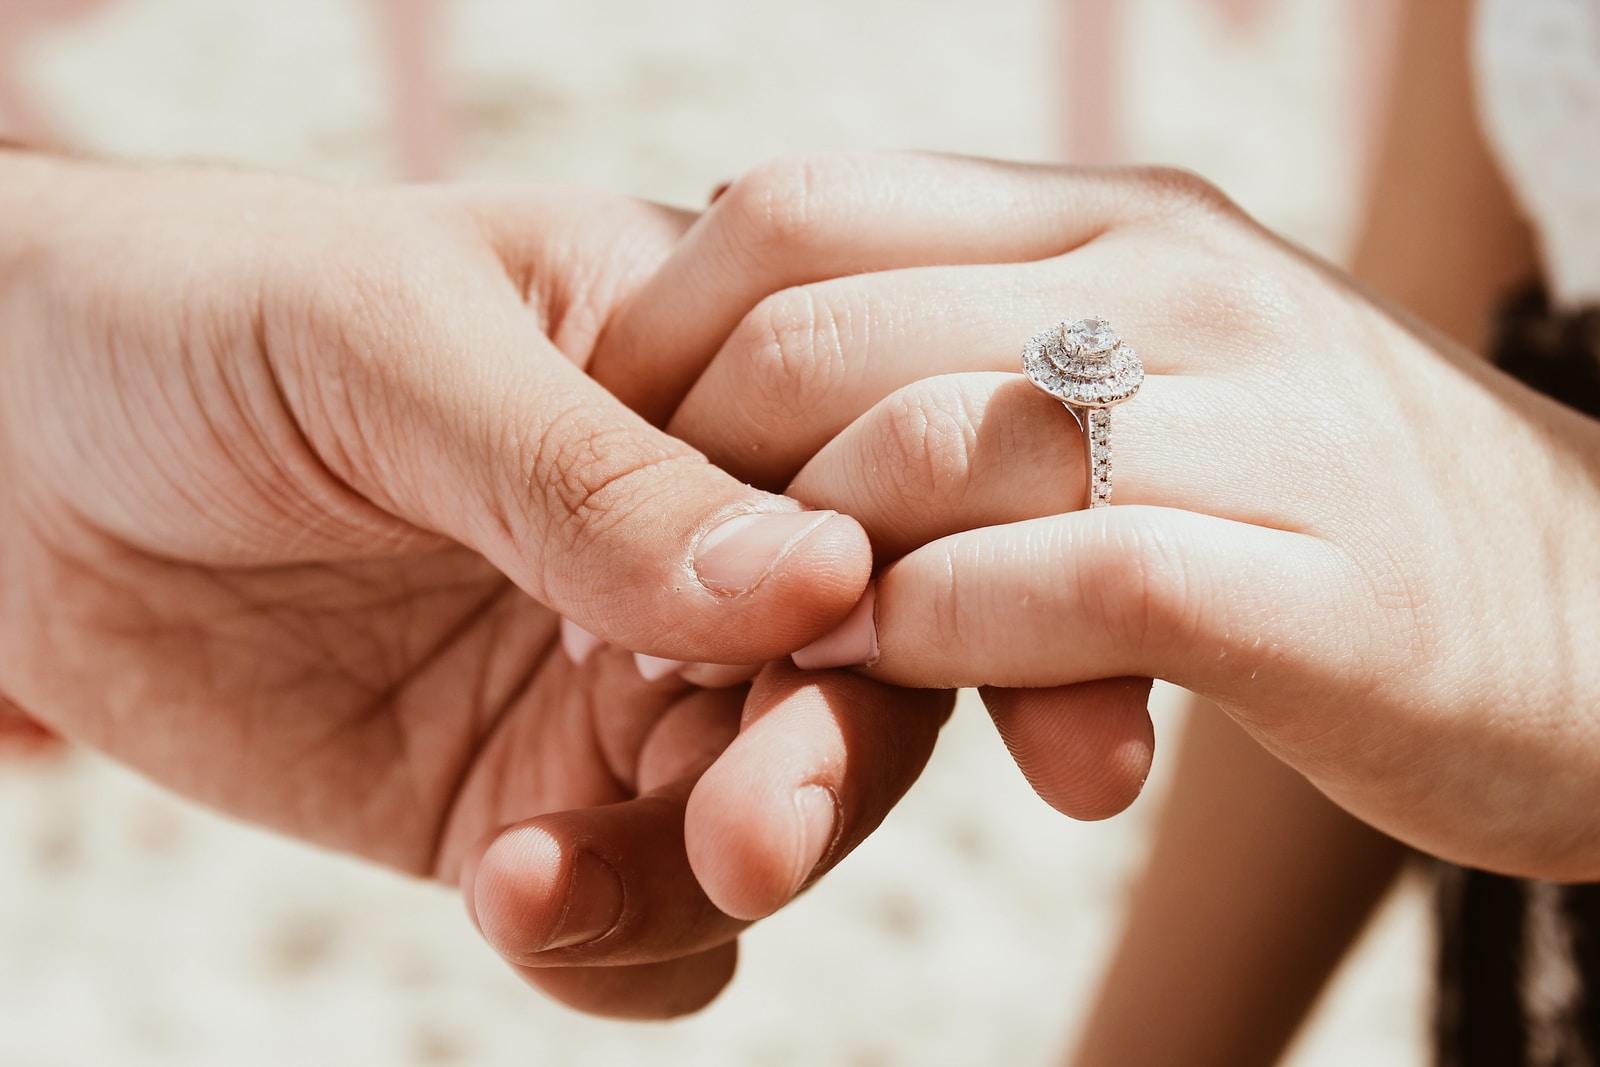 δαχτυλίδι αρραβώνα - ζευγάρι